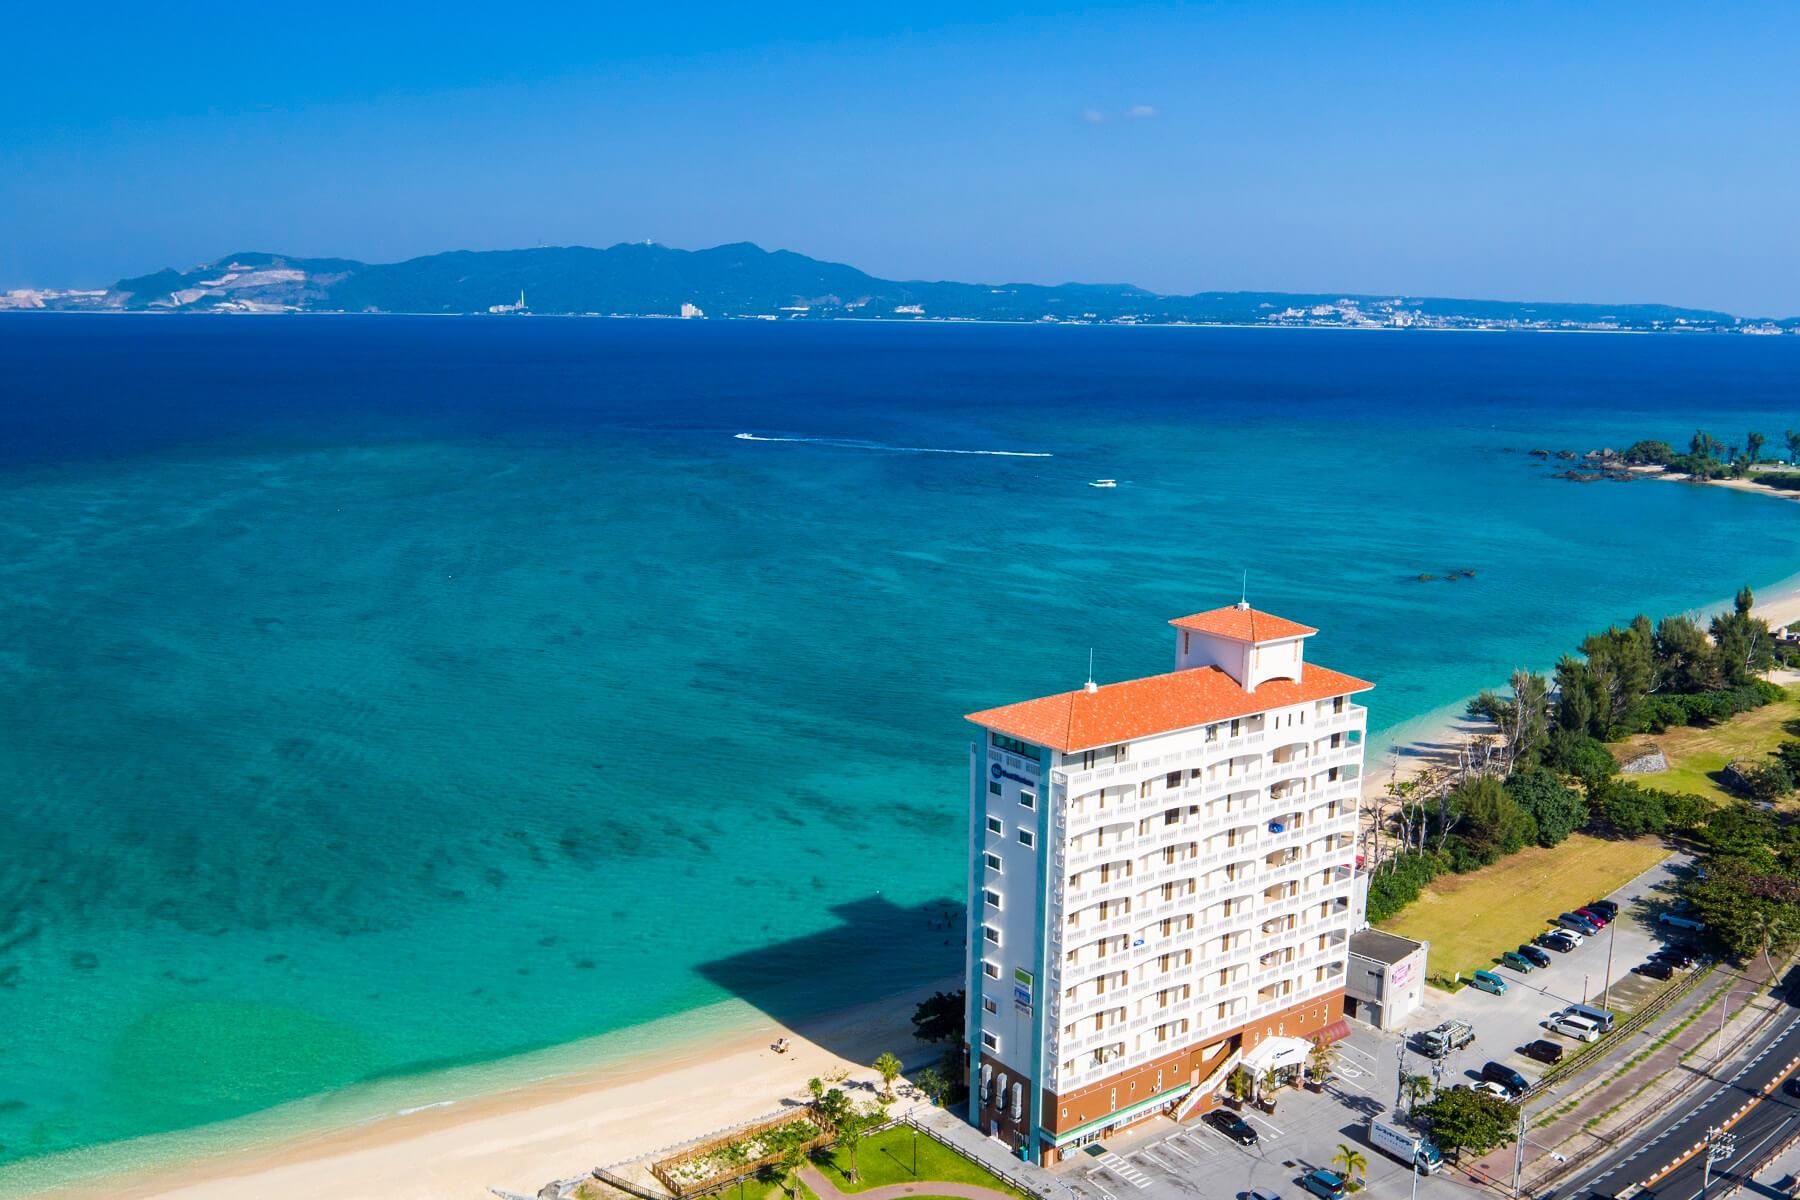 ホテル目の前に広がる海